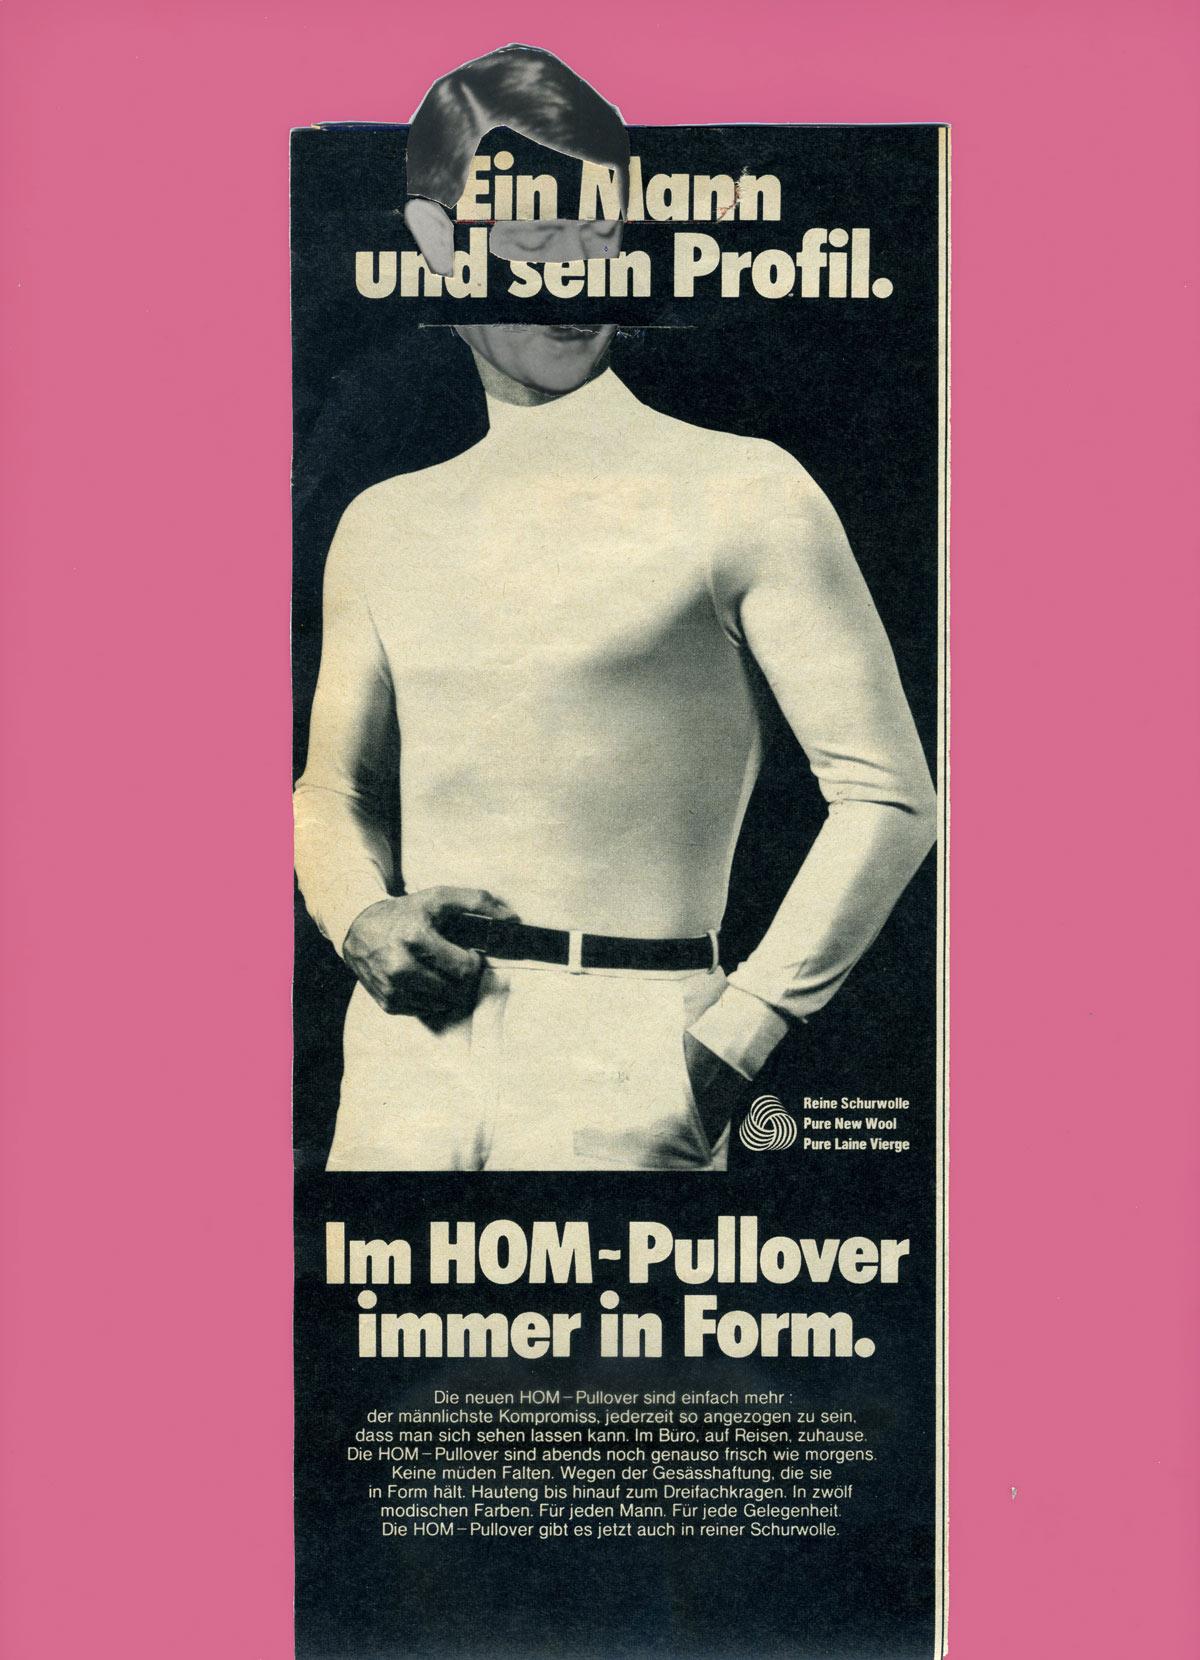 Art_02_Ein-Mann-undsein-Profil